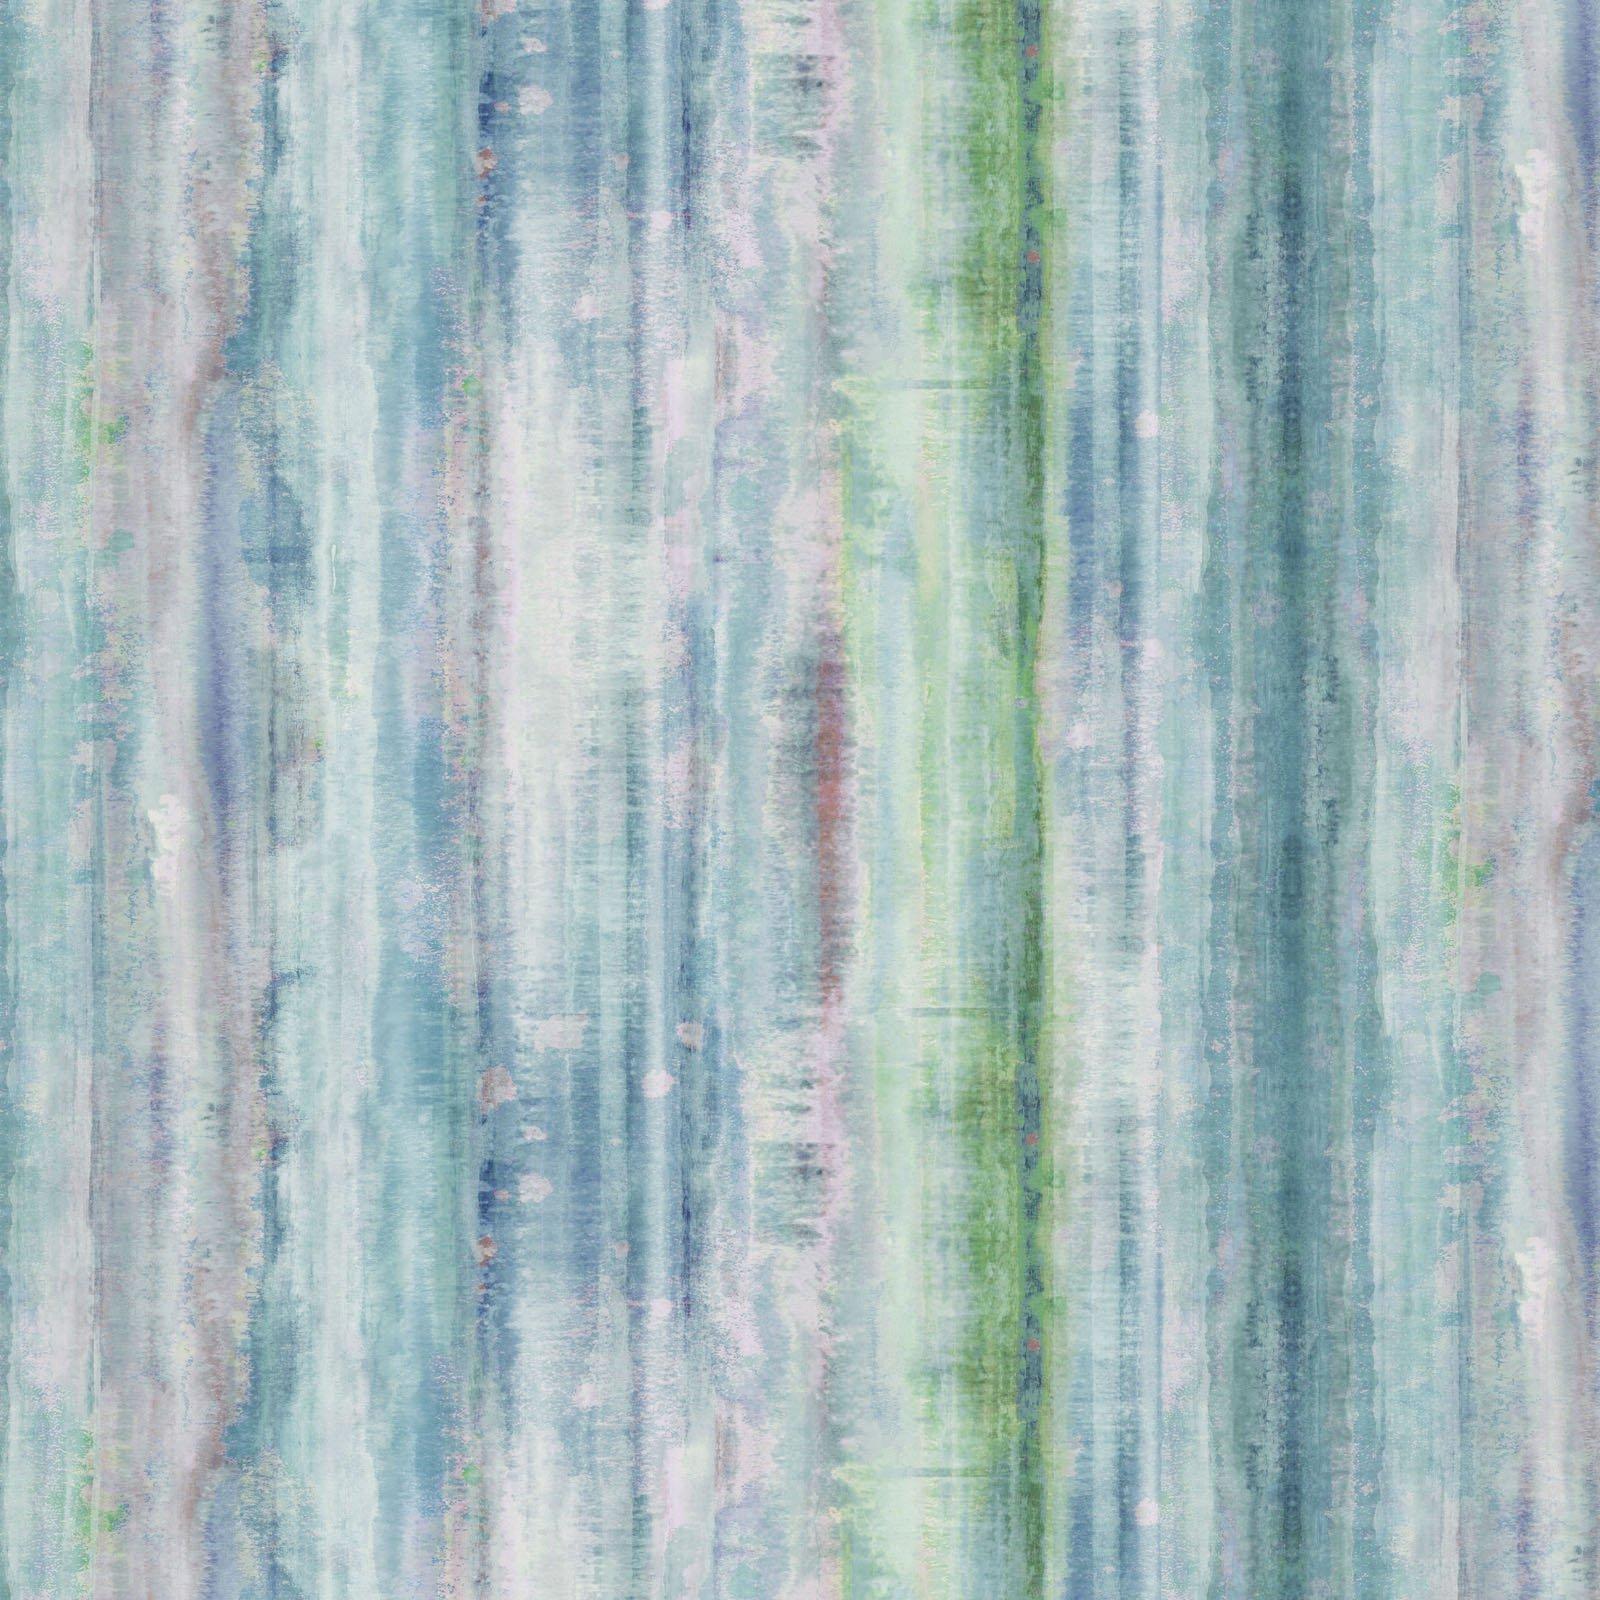 DANI-4512 B - DANIELLA BY P&B BOUTIQUE WATERCOLOR STRIPE BLUE - ARRIVING IN OCTOBER 2021